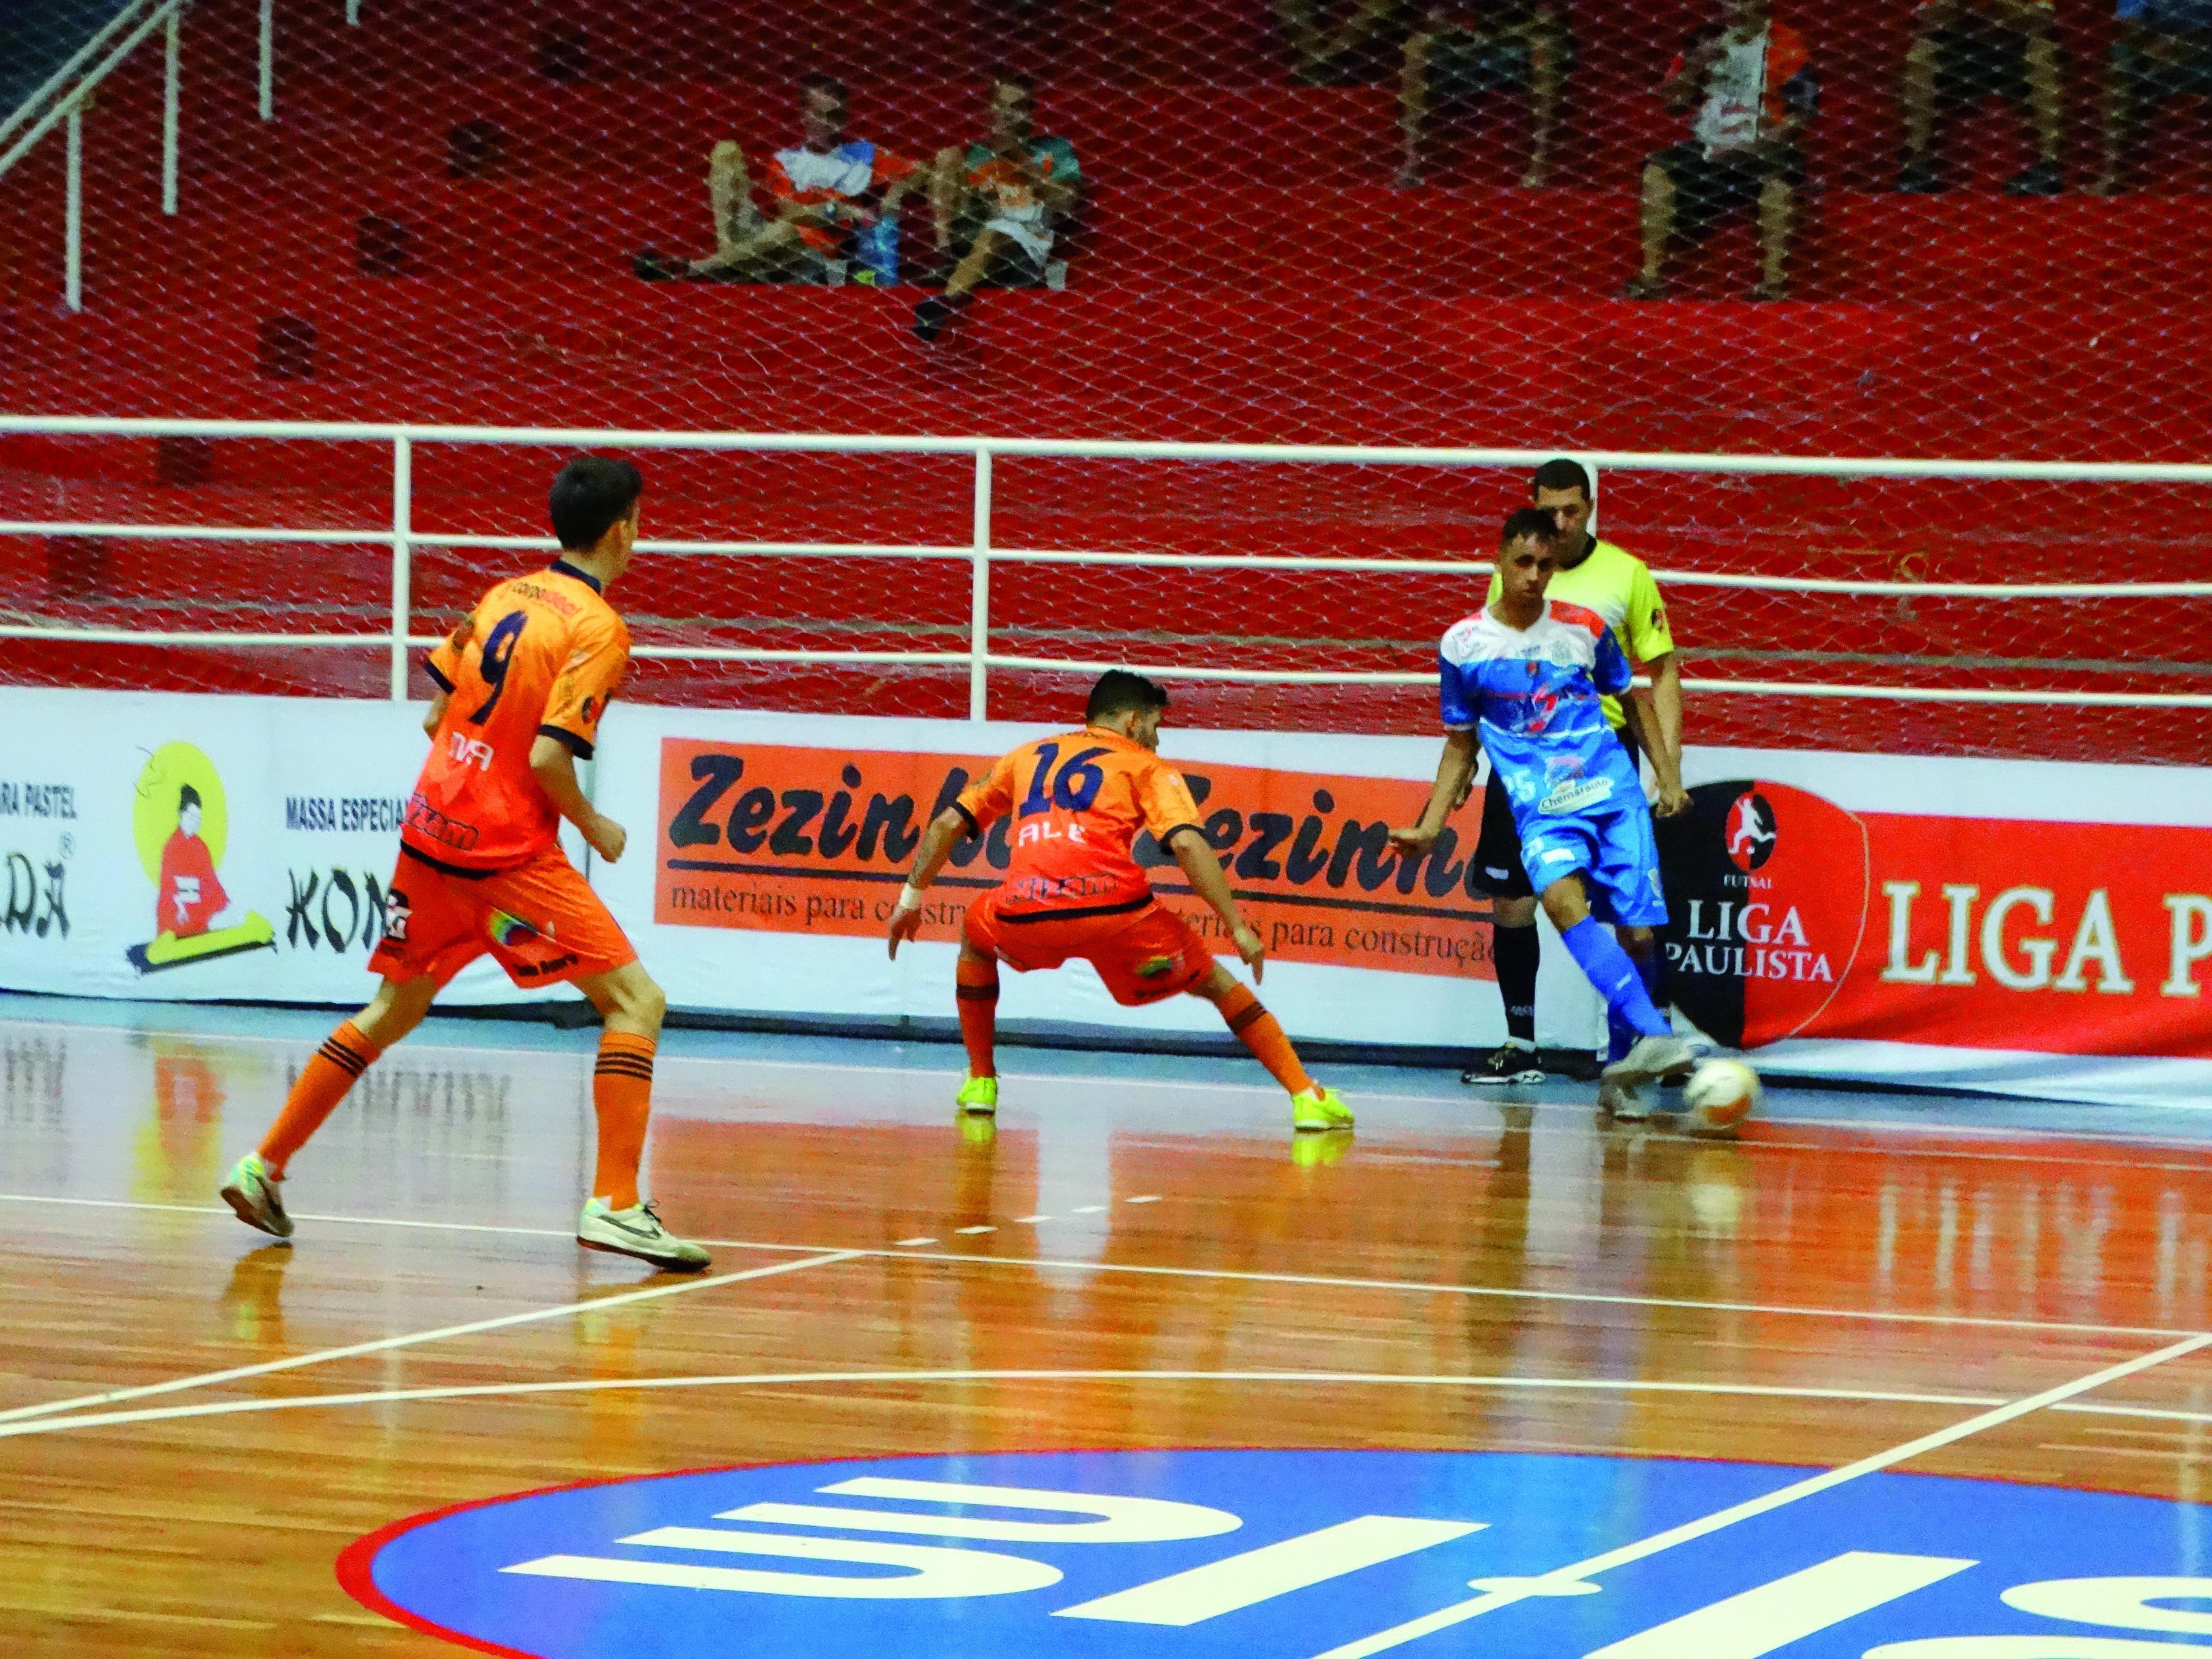 Em partida do campeonato passado, destaque para 'Pula', um dos jogadores que deve permanecer no time para a próxima temporada (Atos Redação)